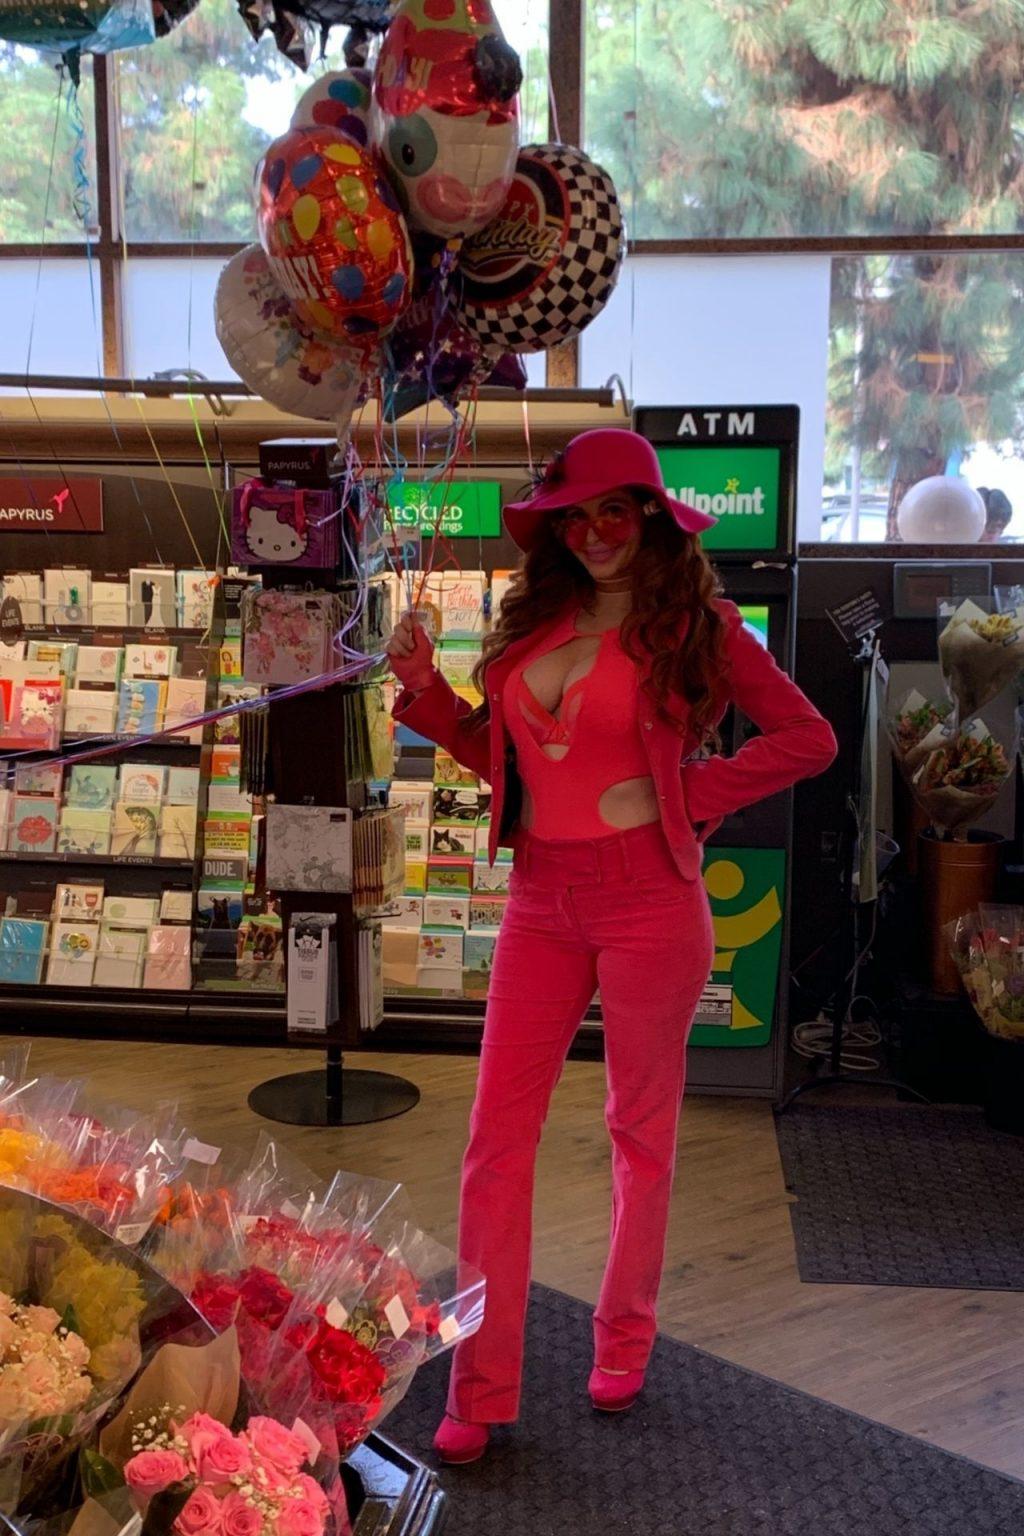 Phoebe Price Sexy (20 Photos)